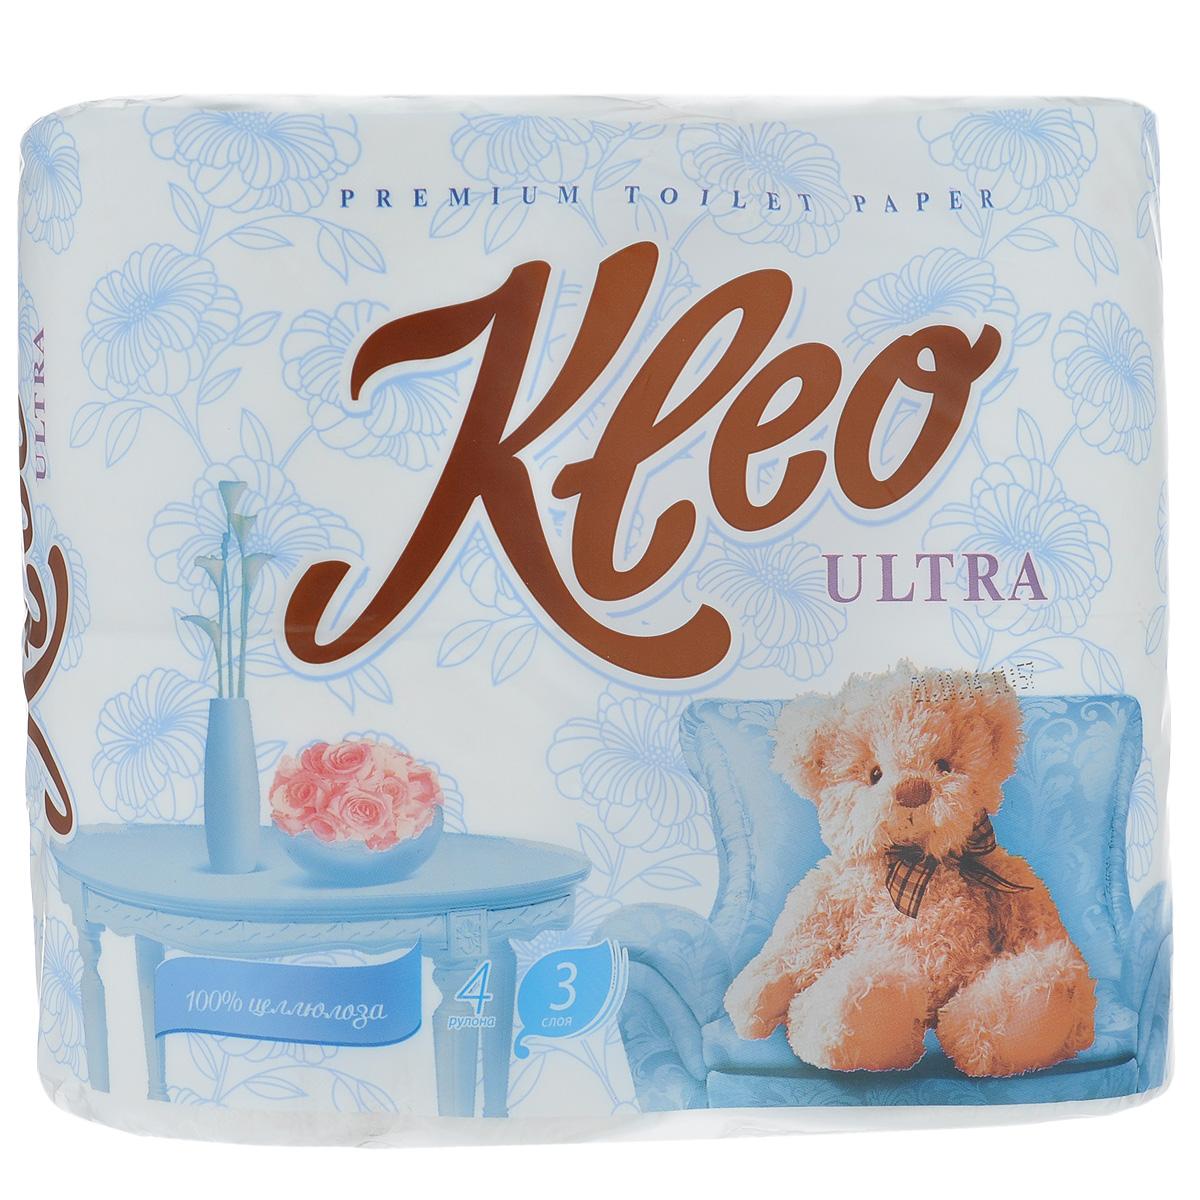 Туалетная бумага Kleo Ultra, трехслойная, цвет: белый, 4 рулонаC86Туалетная бумага Kleo Ultra, выполненная из натуральной целлюлозы, обеспечивает превосходный комфорт и ощущение чистоты и свежести. Необыкновенно мягкая, но в тоже время прочная, бумага не расслаивается и отрывается строго по линии перфорации. Трехслойные листы имеют рисунок с перфорацией.Количество листов: 168 шт.Количество слоев: 3.Размер листа: 12,5 см х 9,6 см.Состав: 100% целлюлоза.